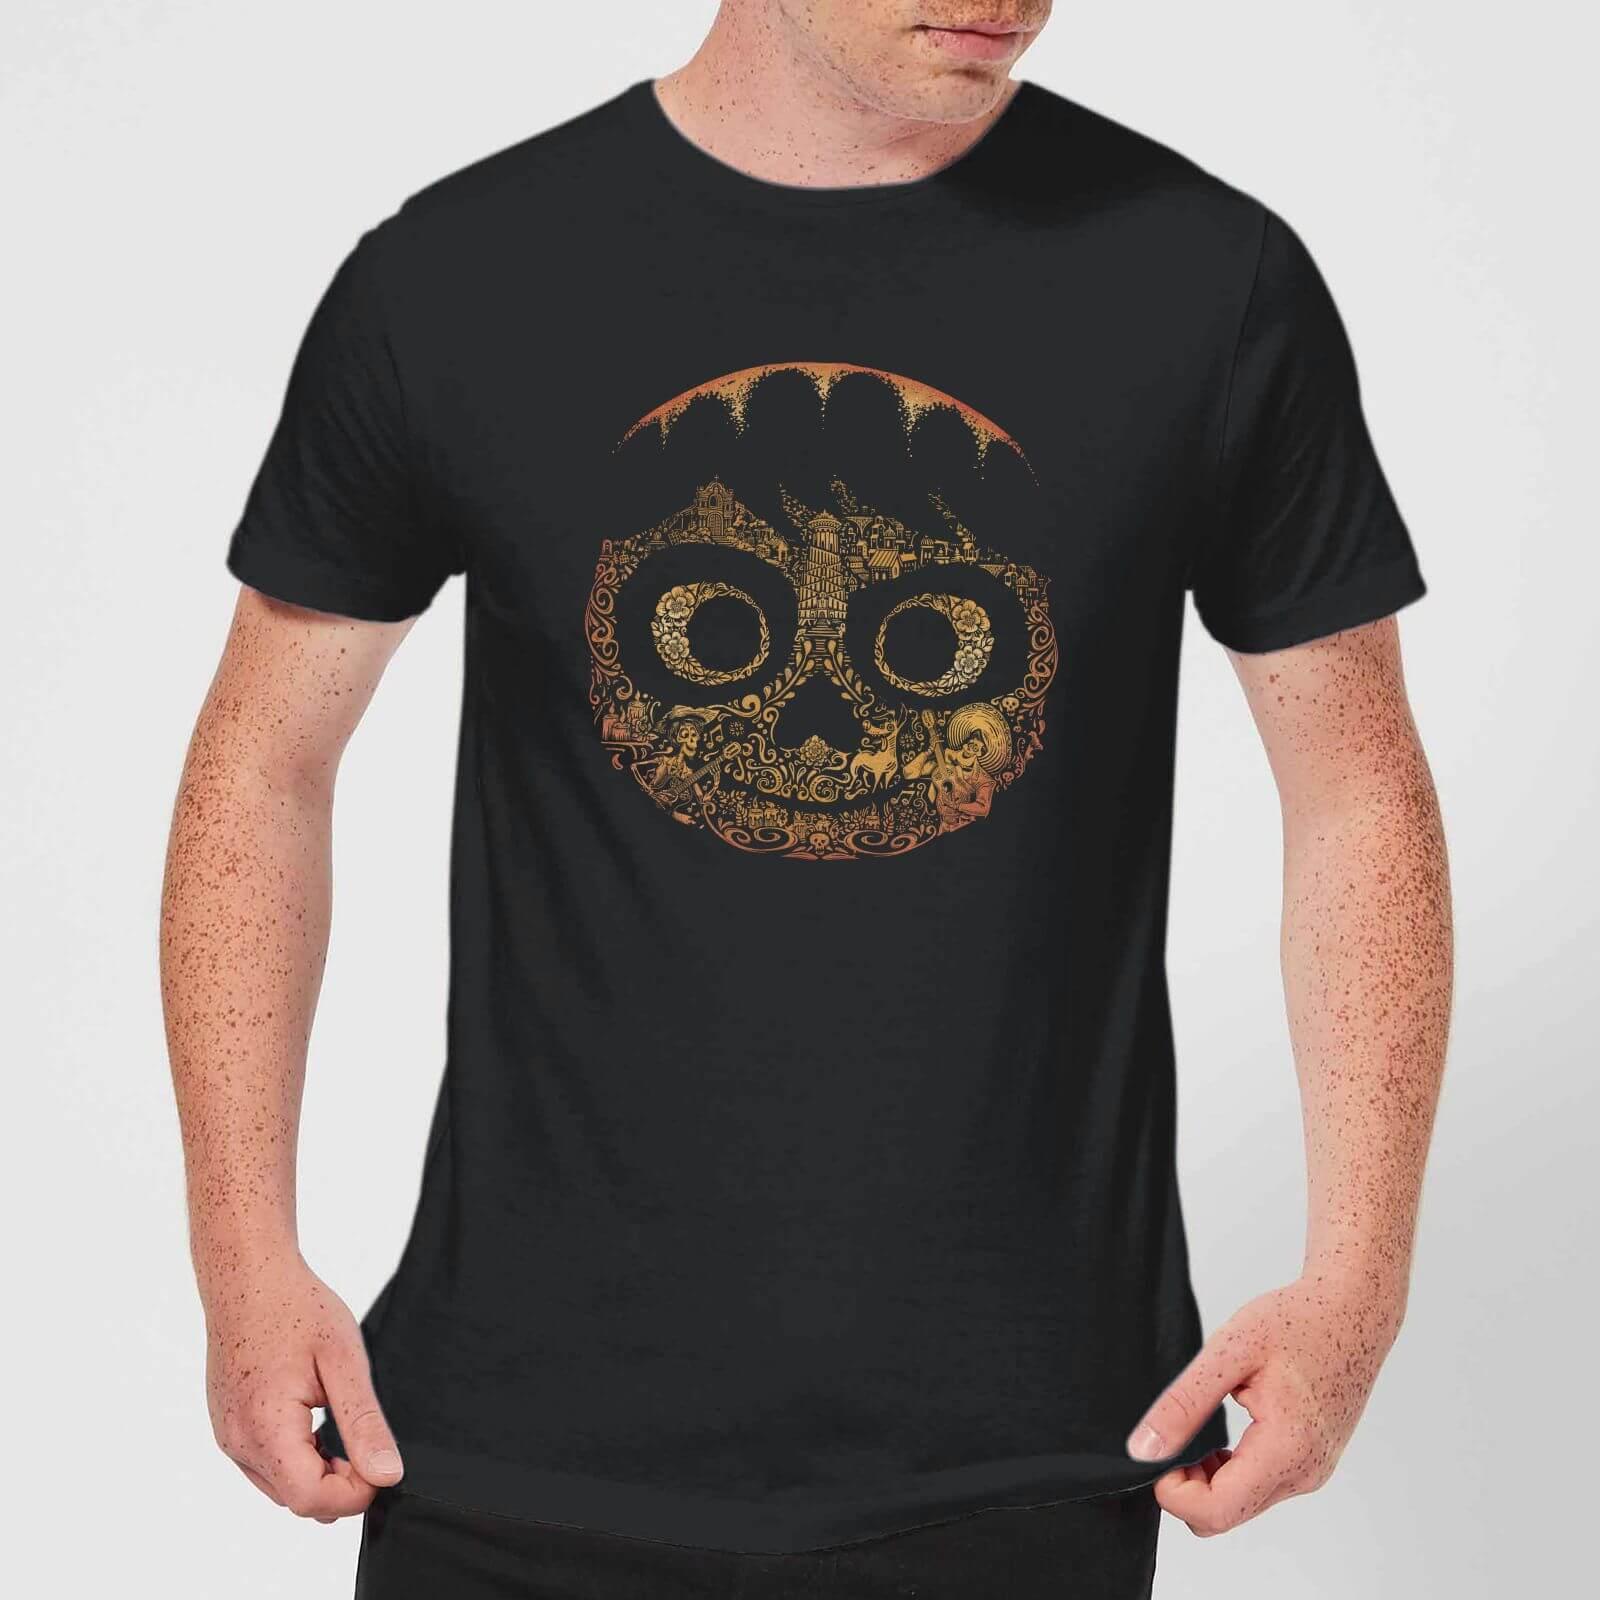 Pixar T-Shirt Homme Visage Miguel Coco - Noir - M - Noir